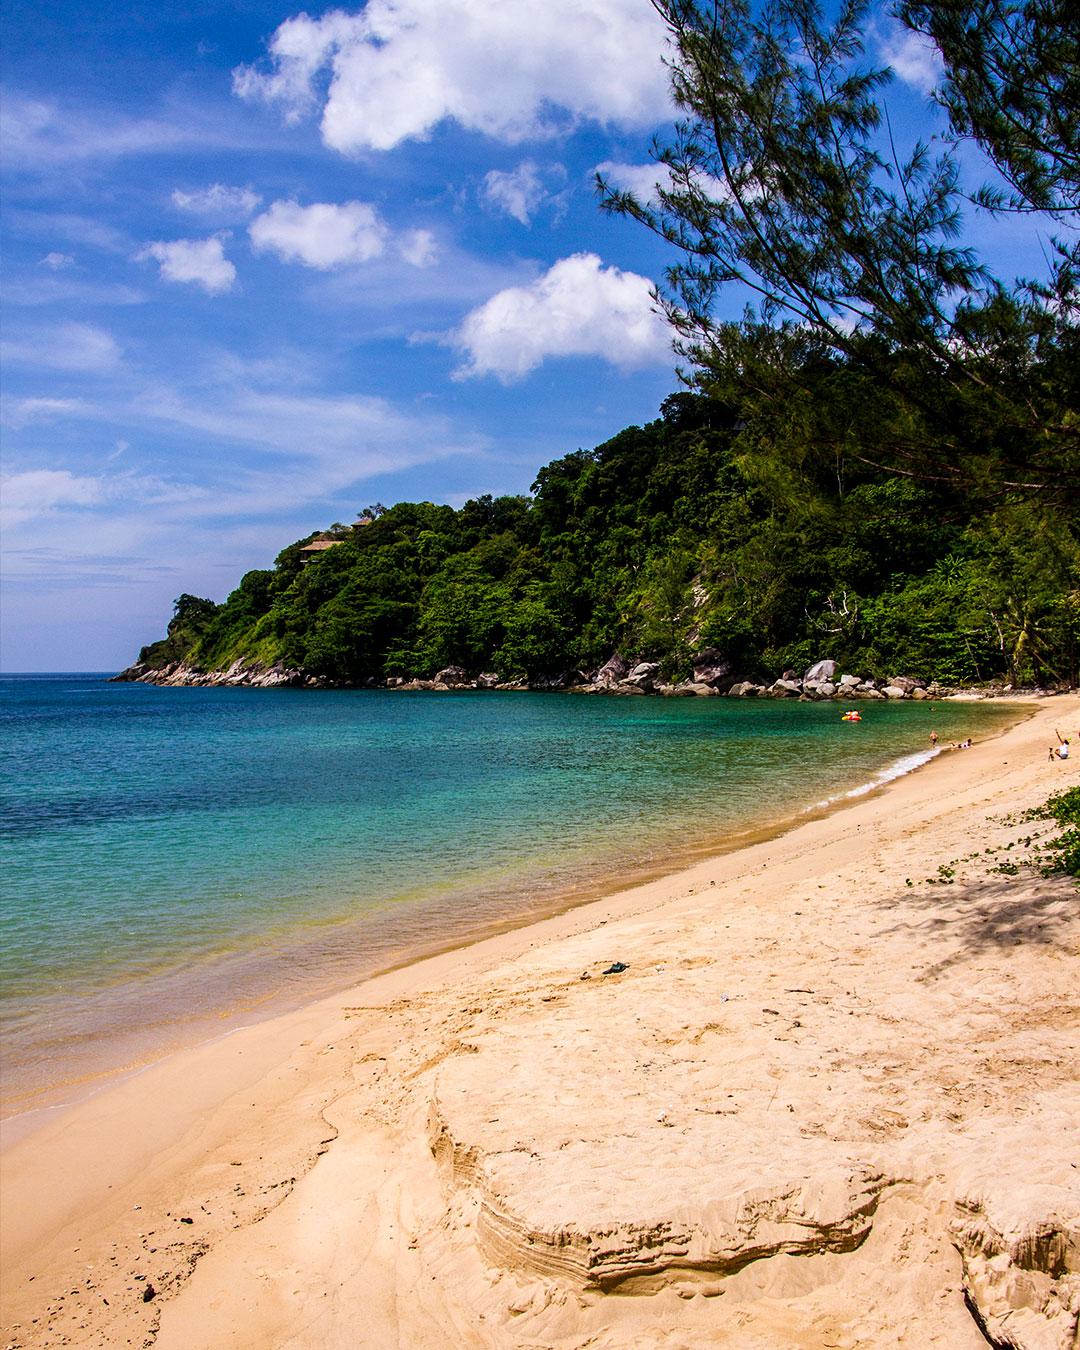 Yae Beach Phuket Beaches